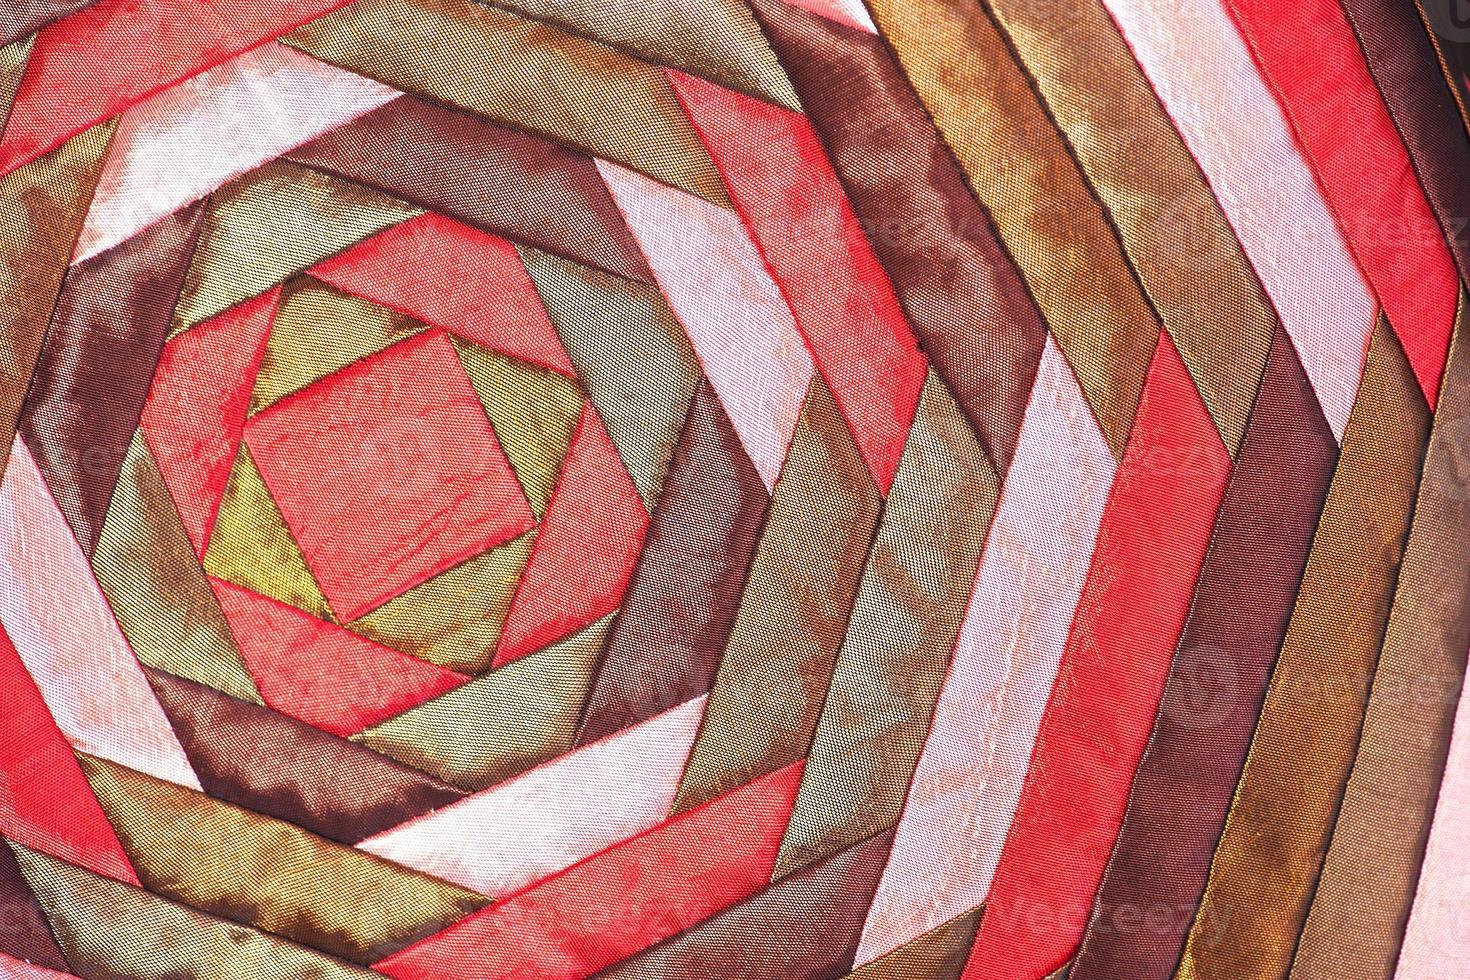 Superficie de alfombra colorida artesanía de seda tailandesa estilo peruano de cerca foto